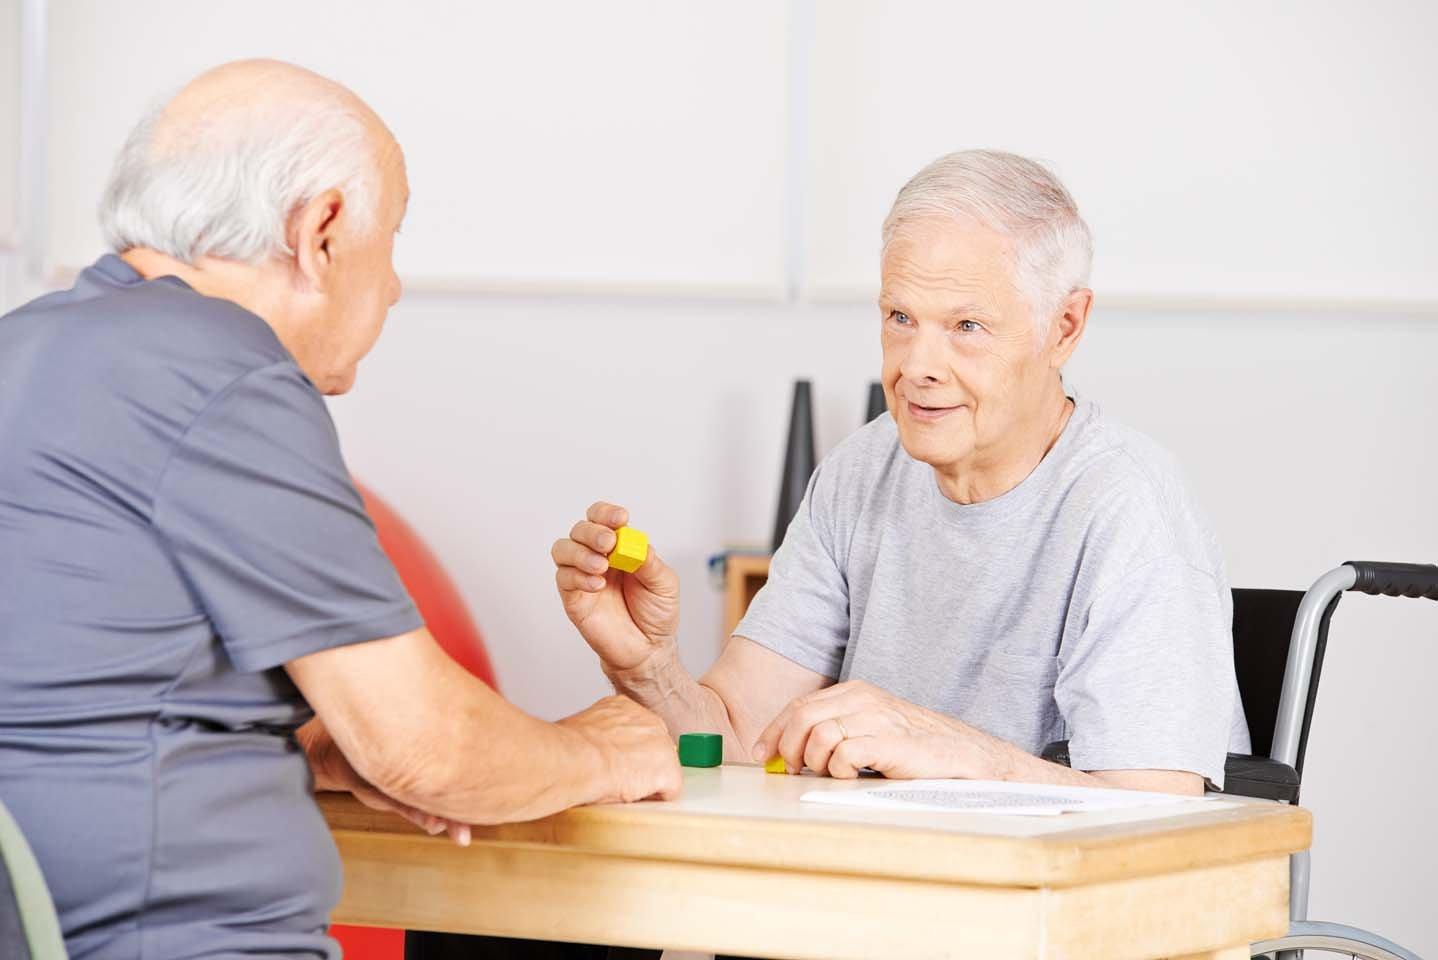 anziani che giocano a un gioco da tavola